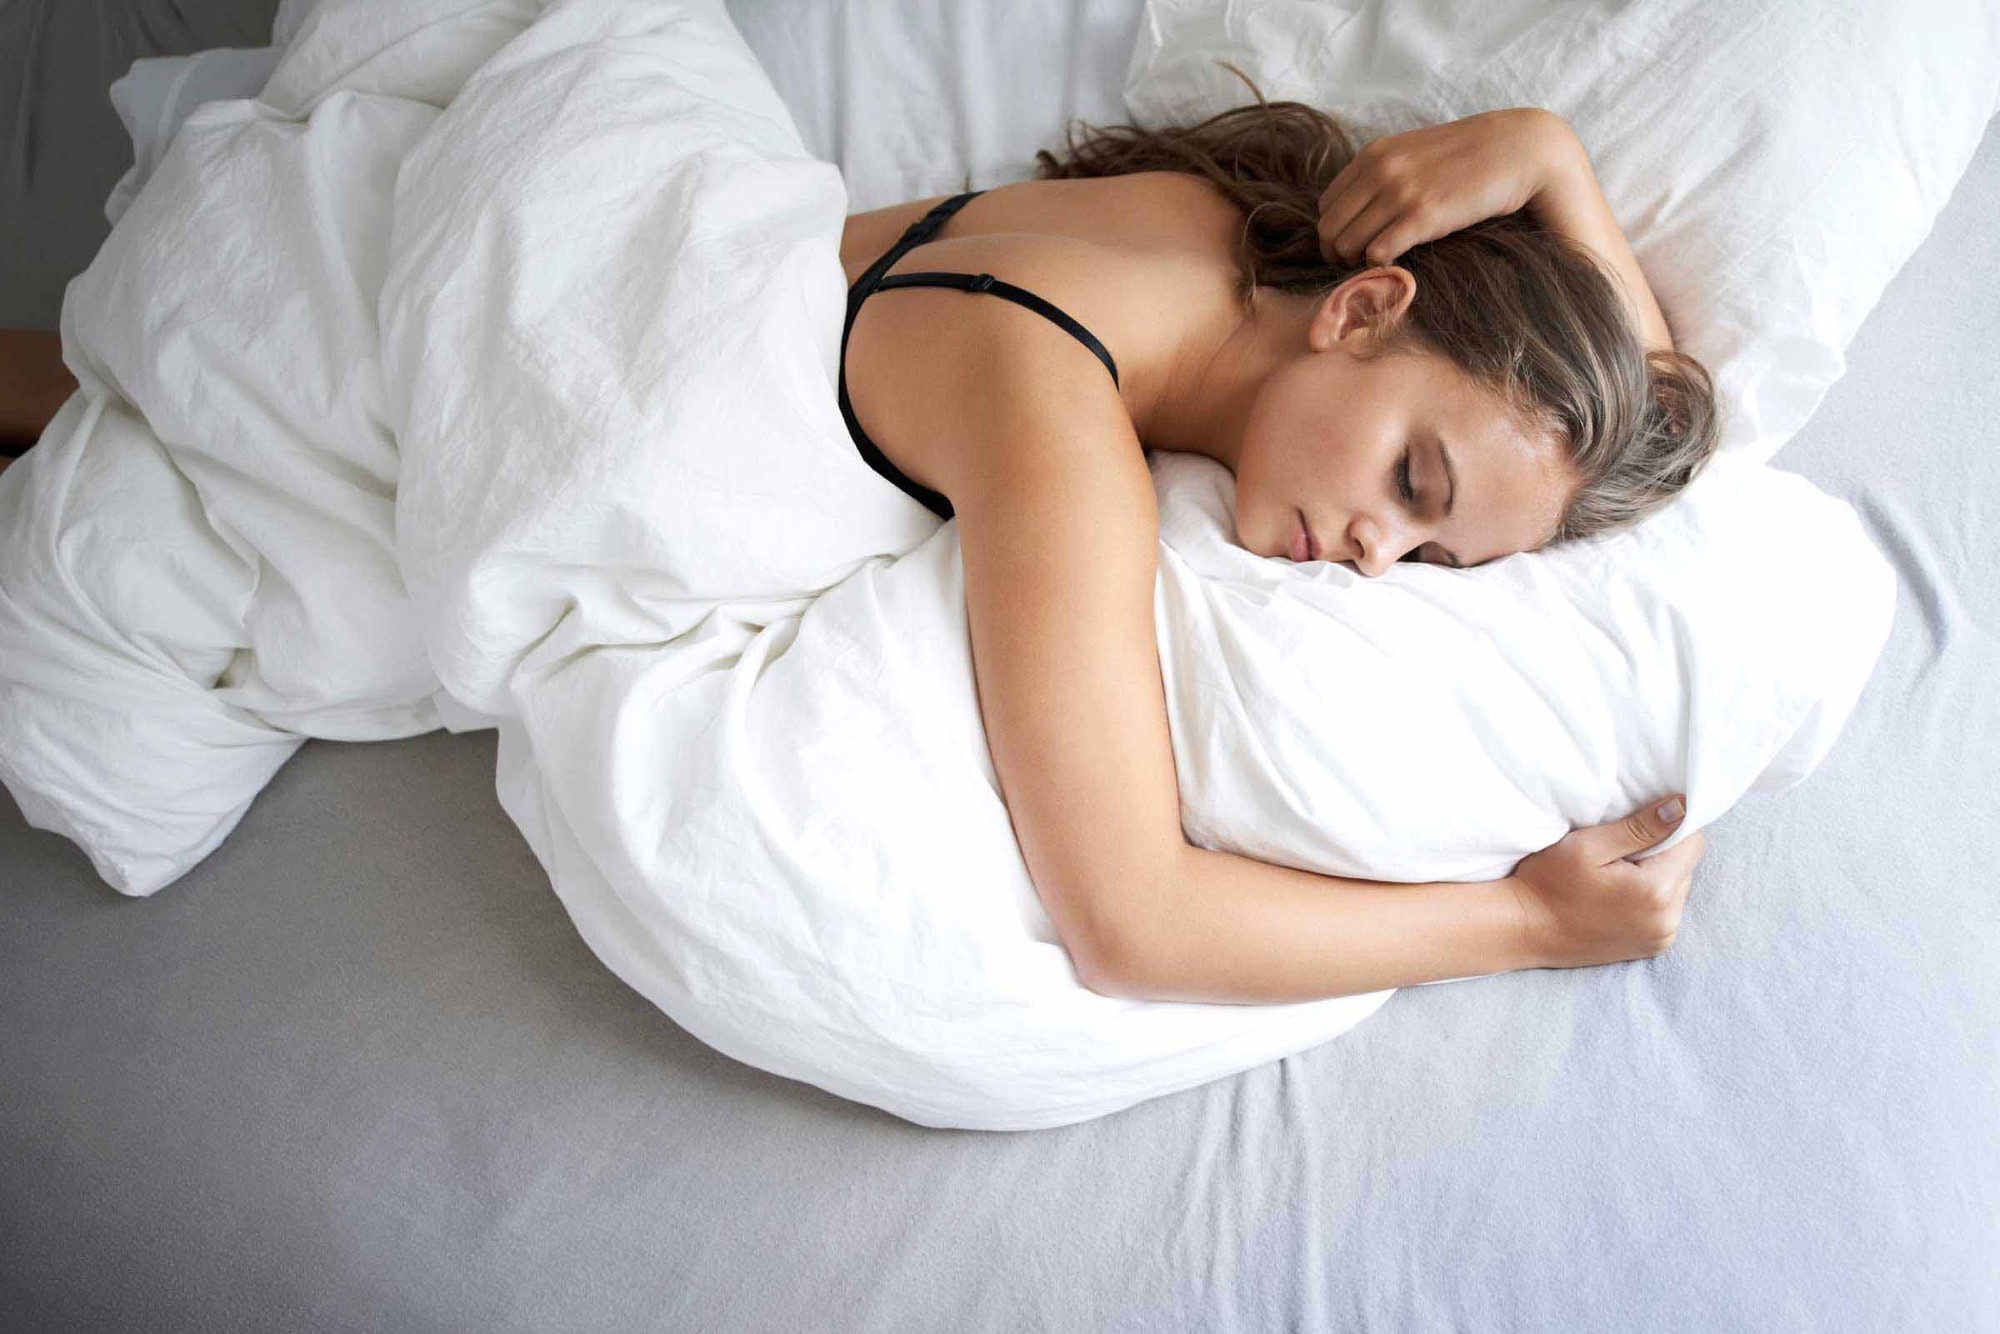 6 thói quen có hại trước khi ngủ mà cô gái nào cũng mắc phải ít nhất 1 cái - Ảnh 2.